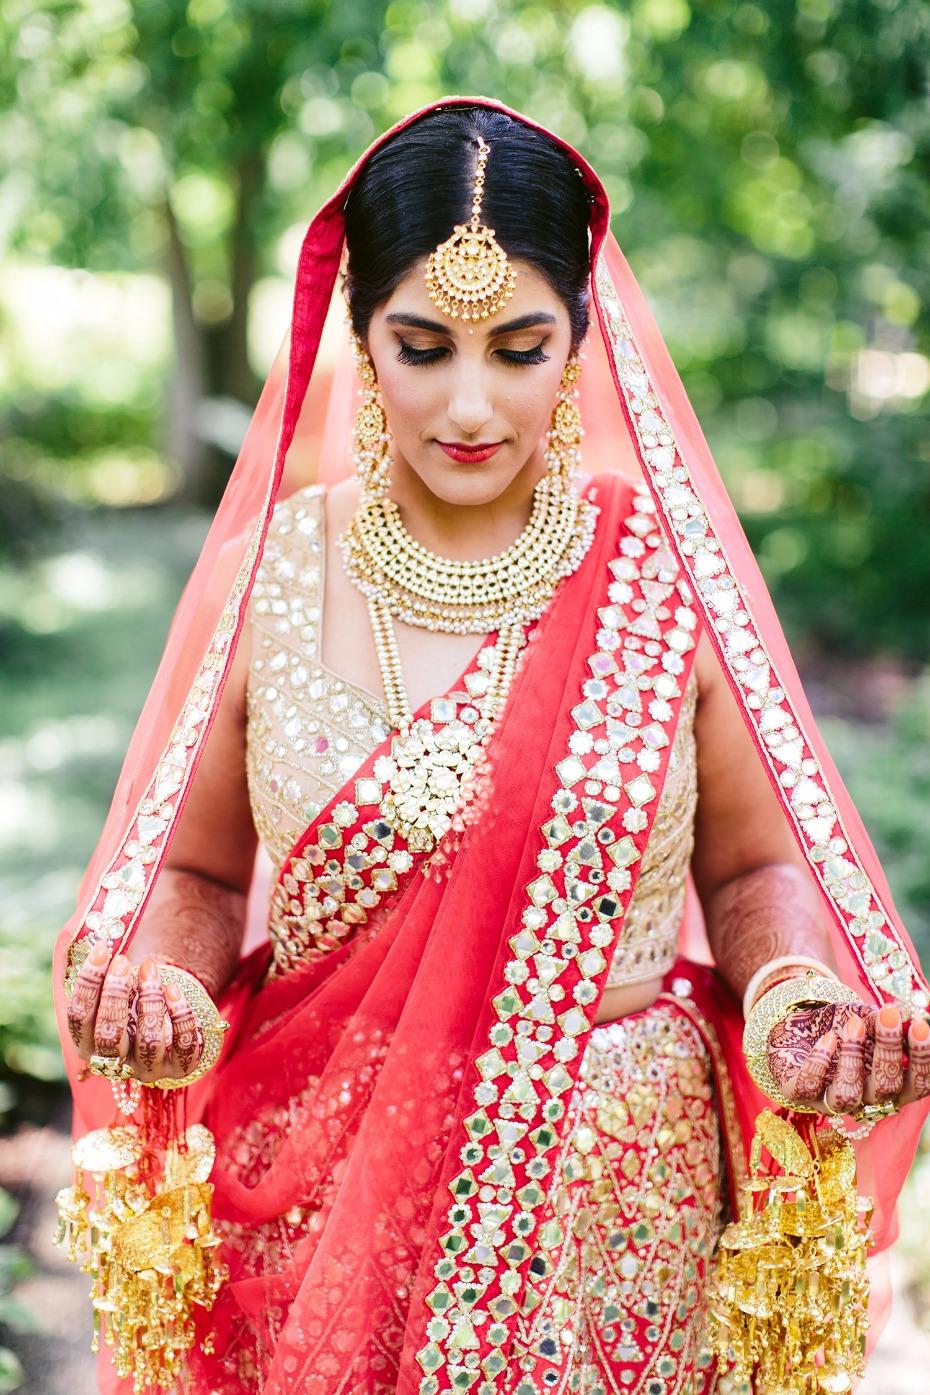 Moderno Vestido De Recepción De La Boda India Motivo - Colección de ...